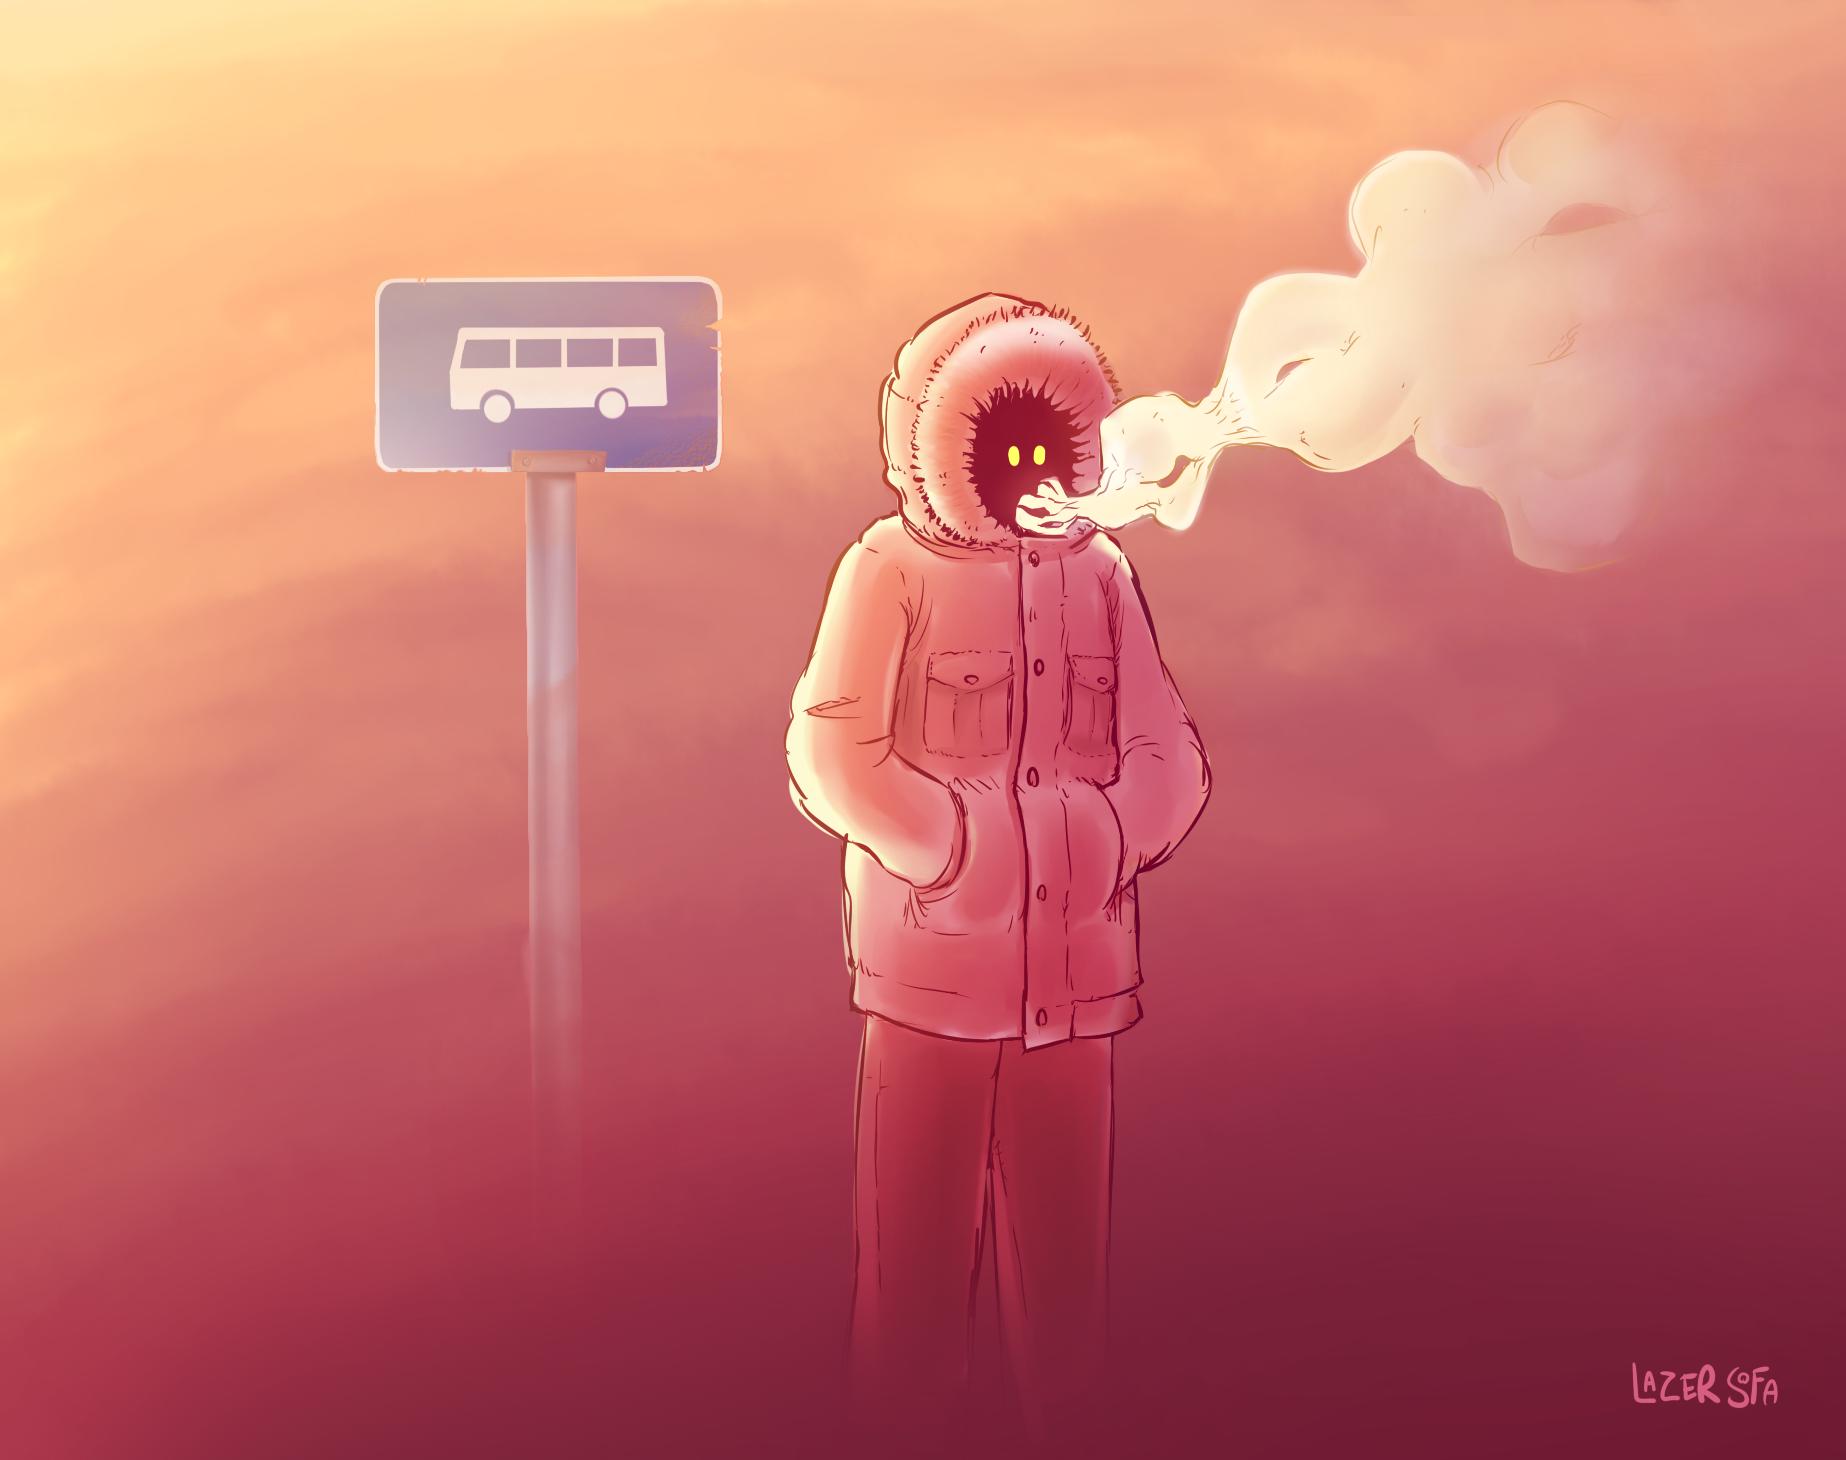 smoky bus stop